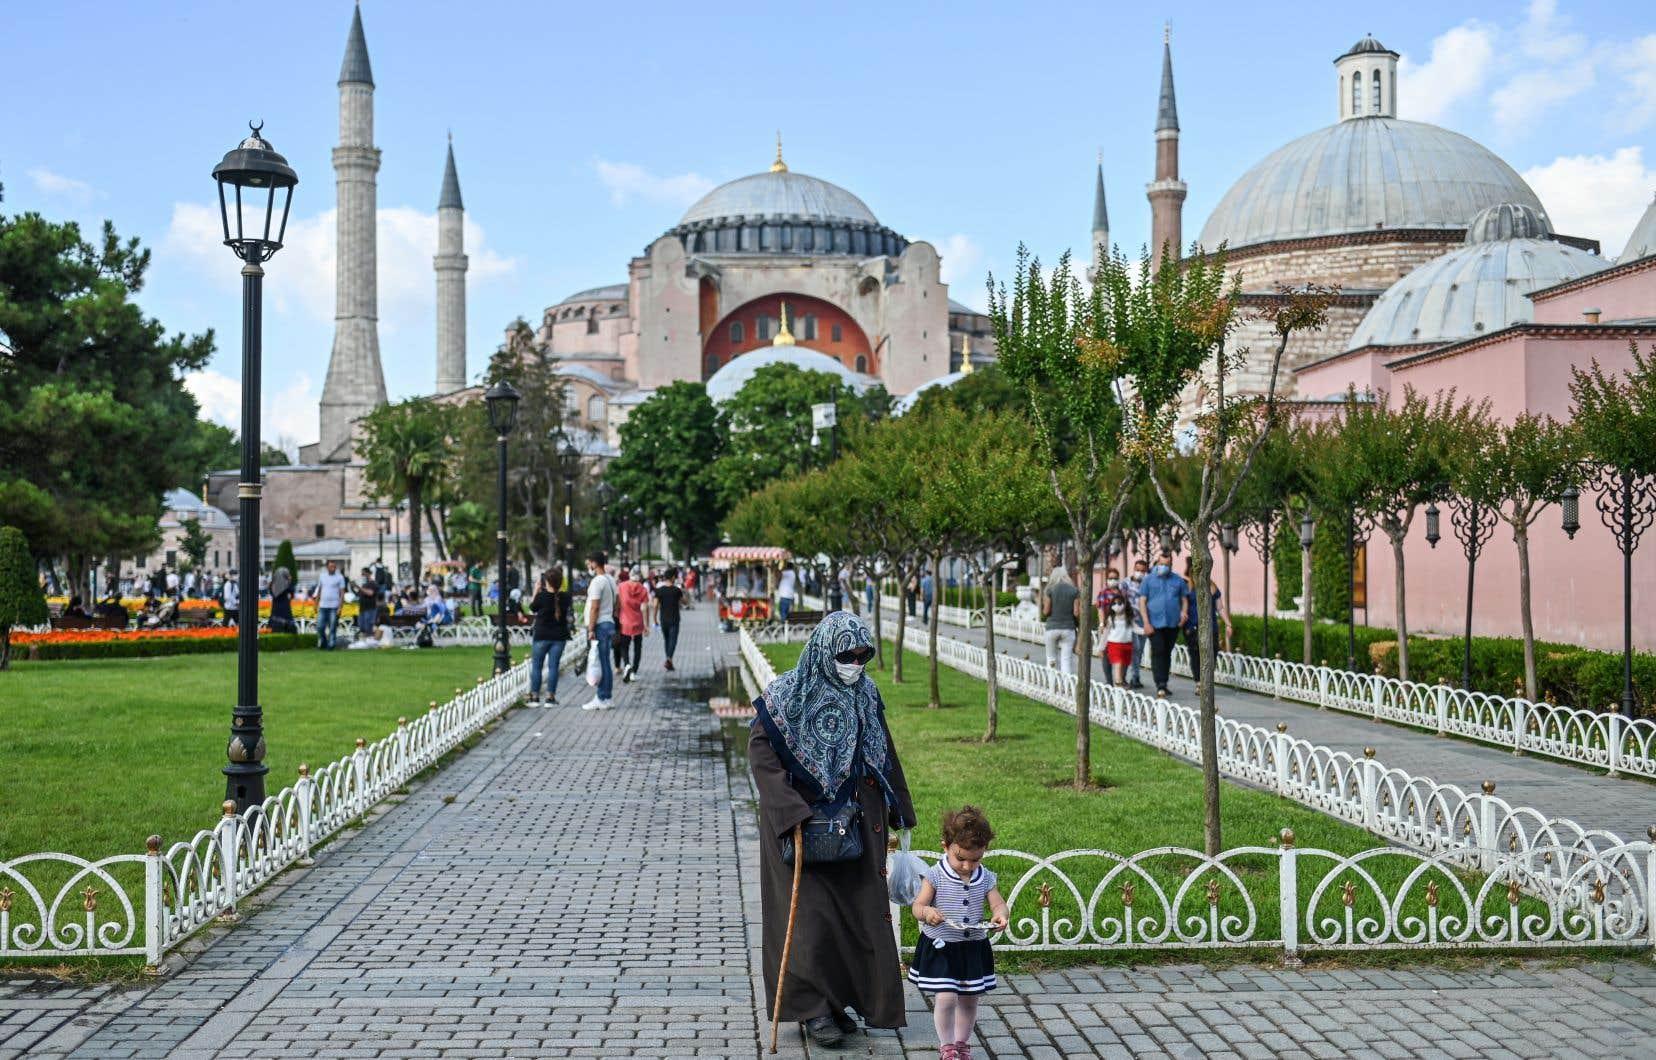 Œuvre architecturale majeure, construite au VIesiècle par les Byzantins qui y couronnaient leurs empereurs, Sainte-Sophie est classée au patrimoine mondial de l'UNESCO.